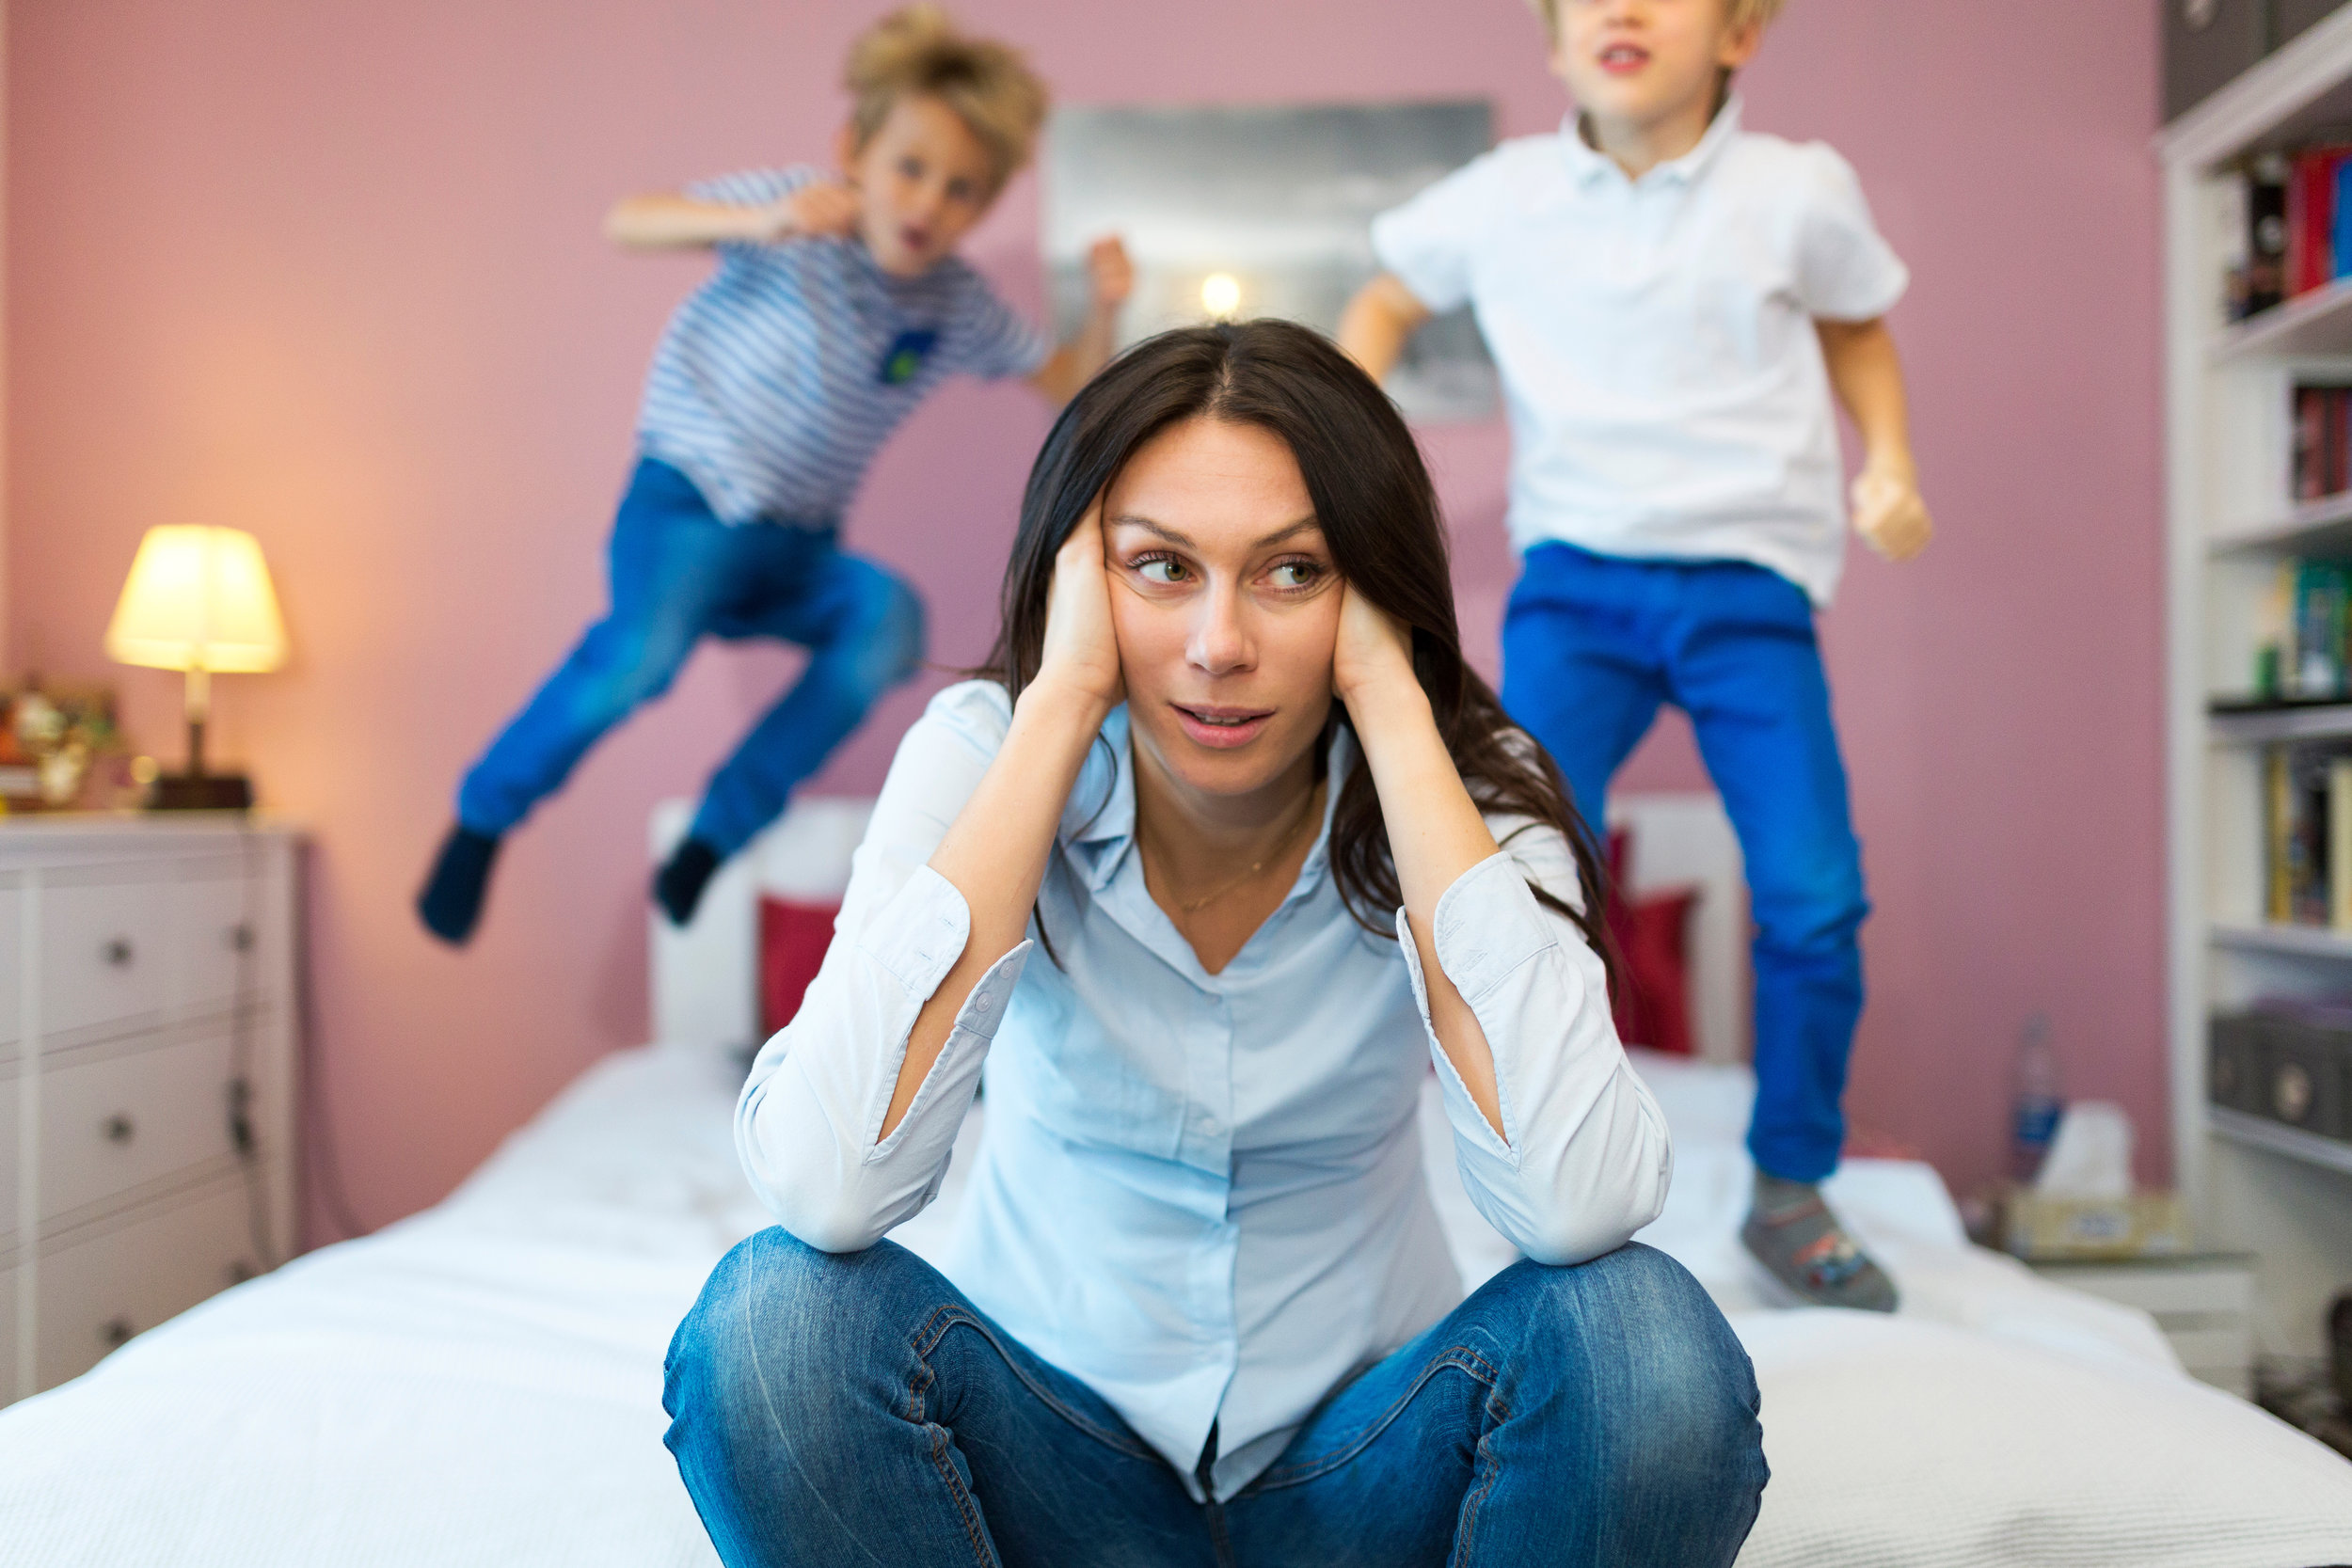 Témoignage-maman-enfants différents-maman épuisée-jugement des autres-Je suis une maman